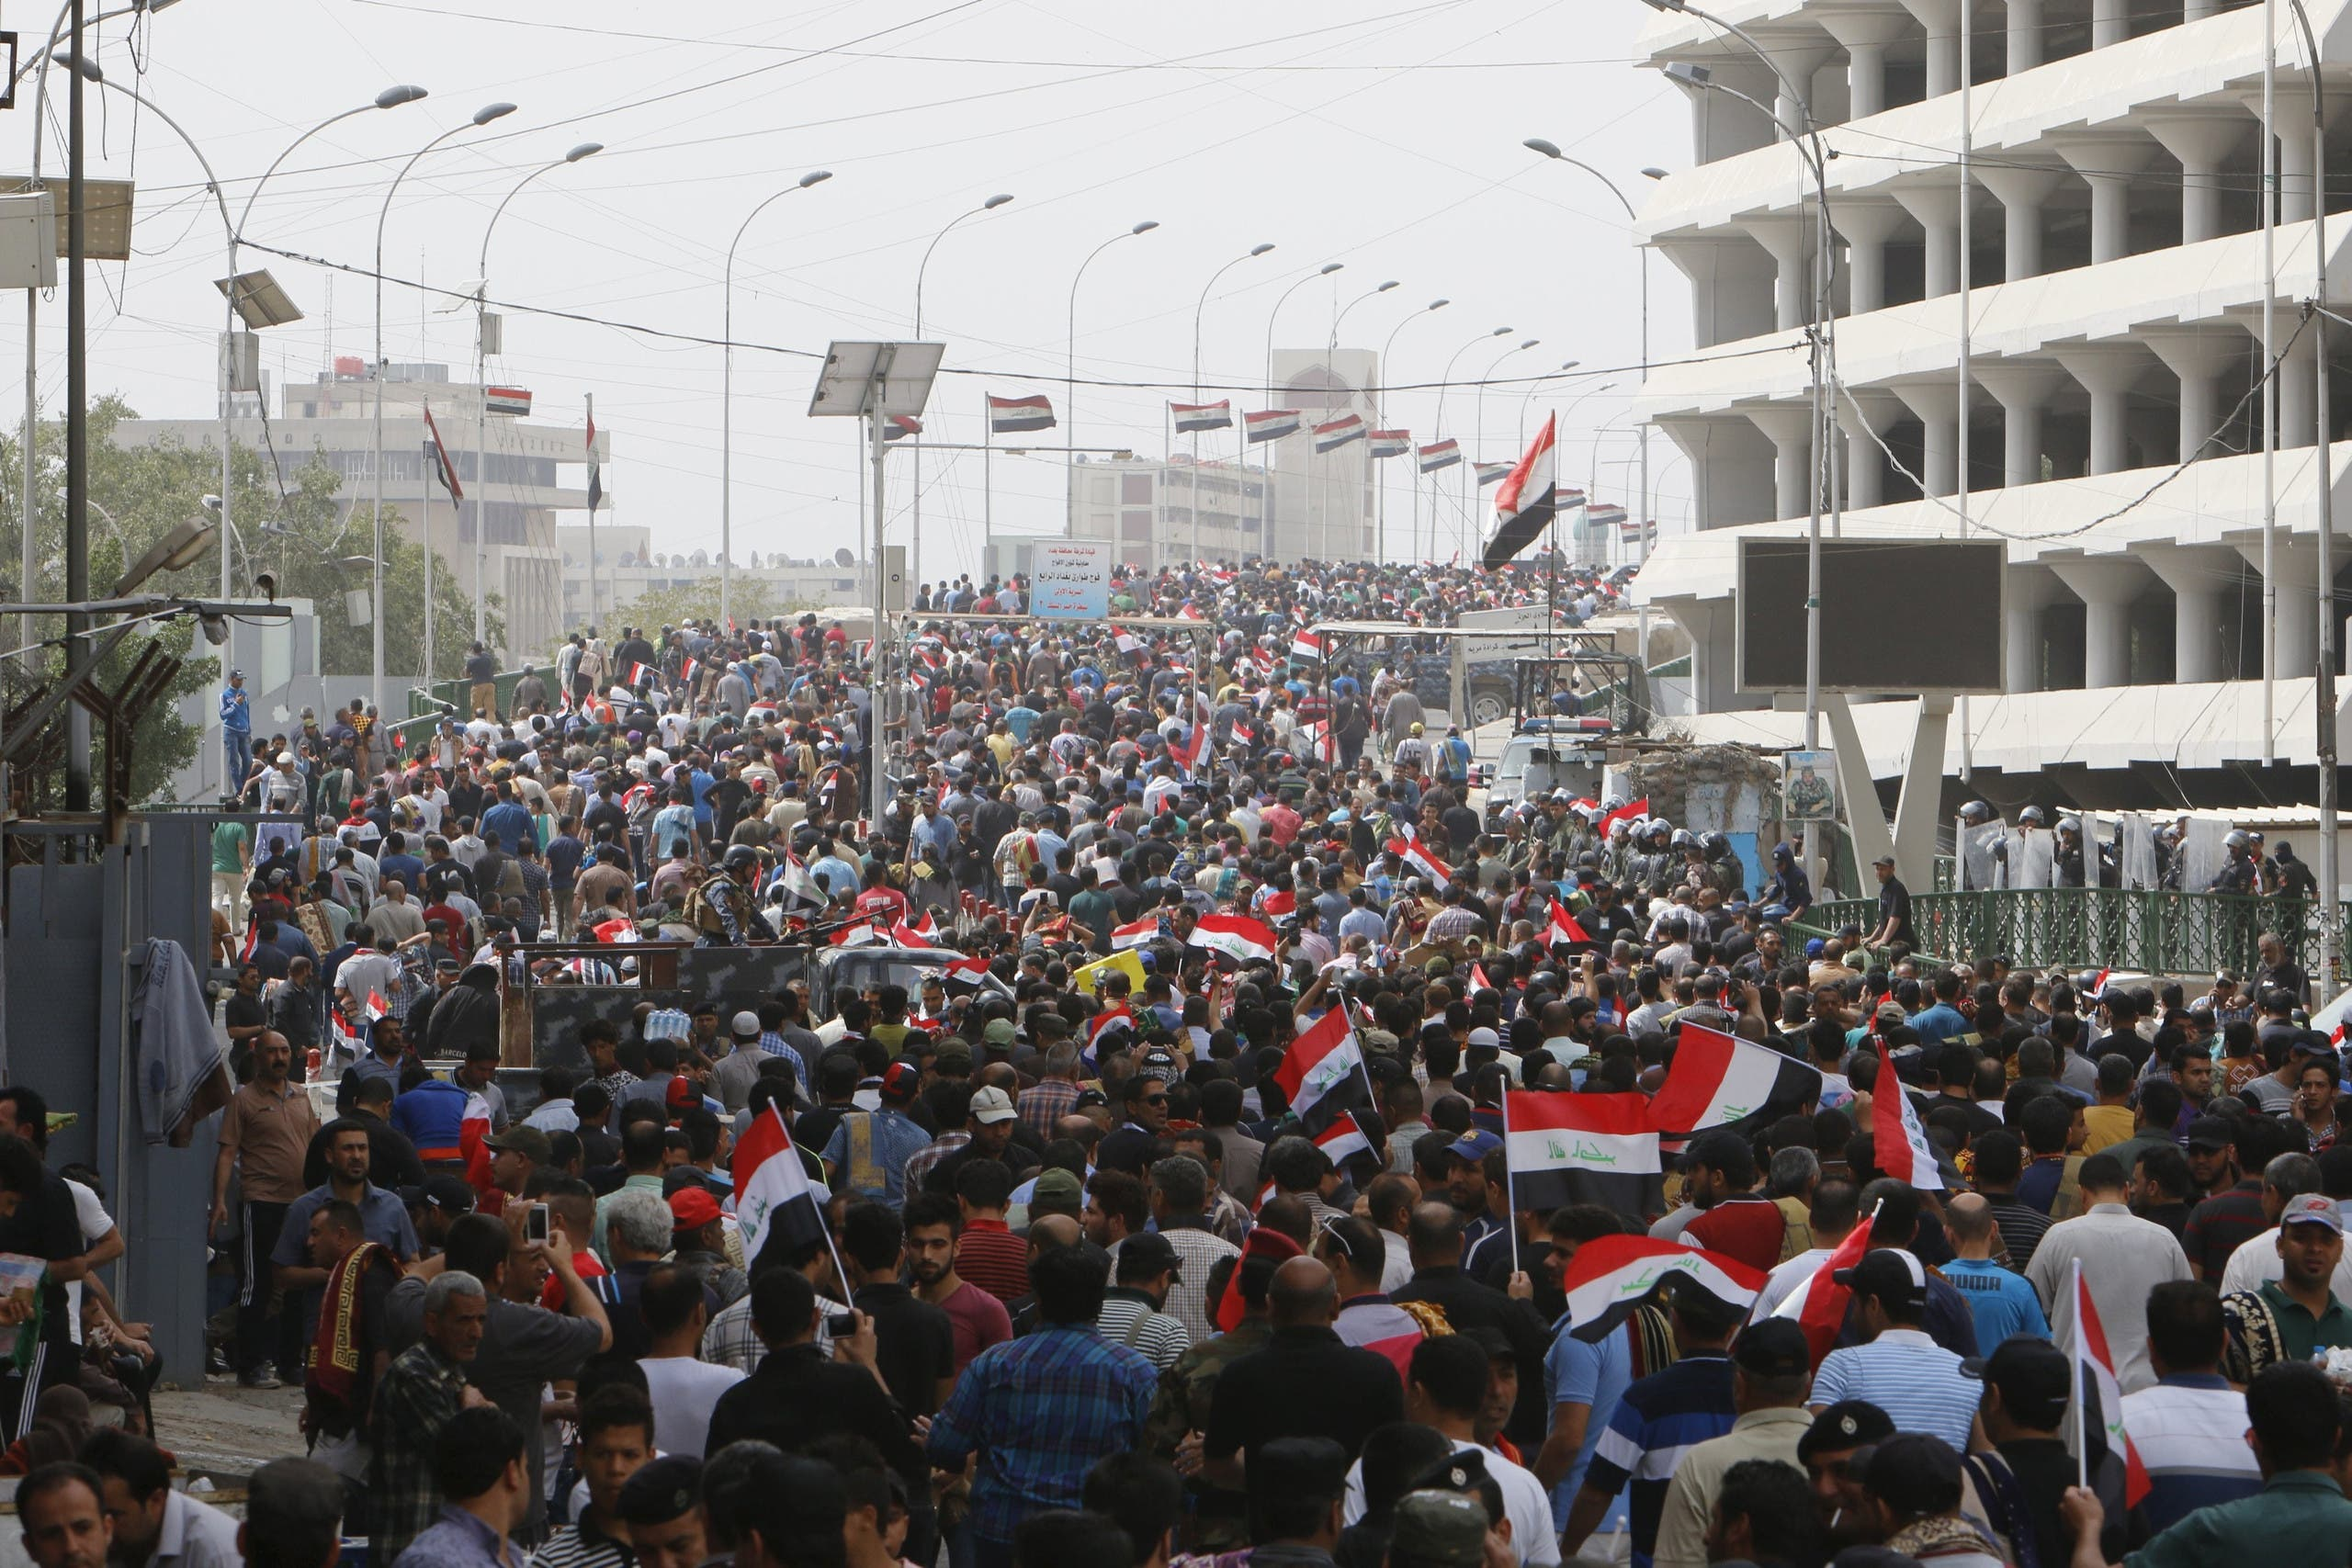 Début de révolte en Irak? - Page 8 655d347c-fe9c-4248-8b53-2e1cb4ed48e3